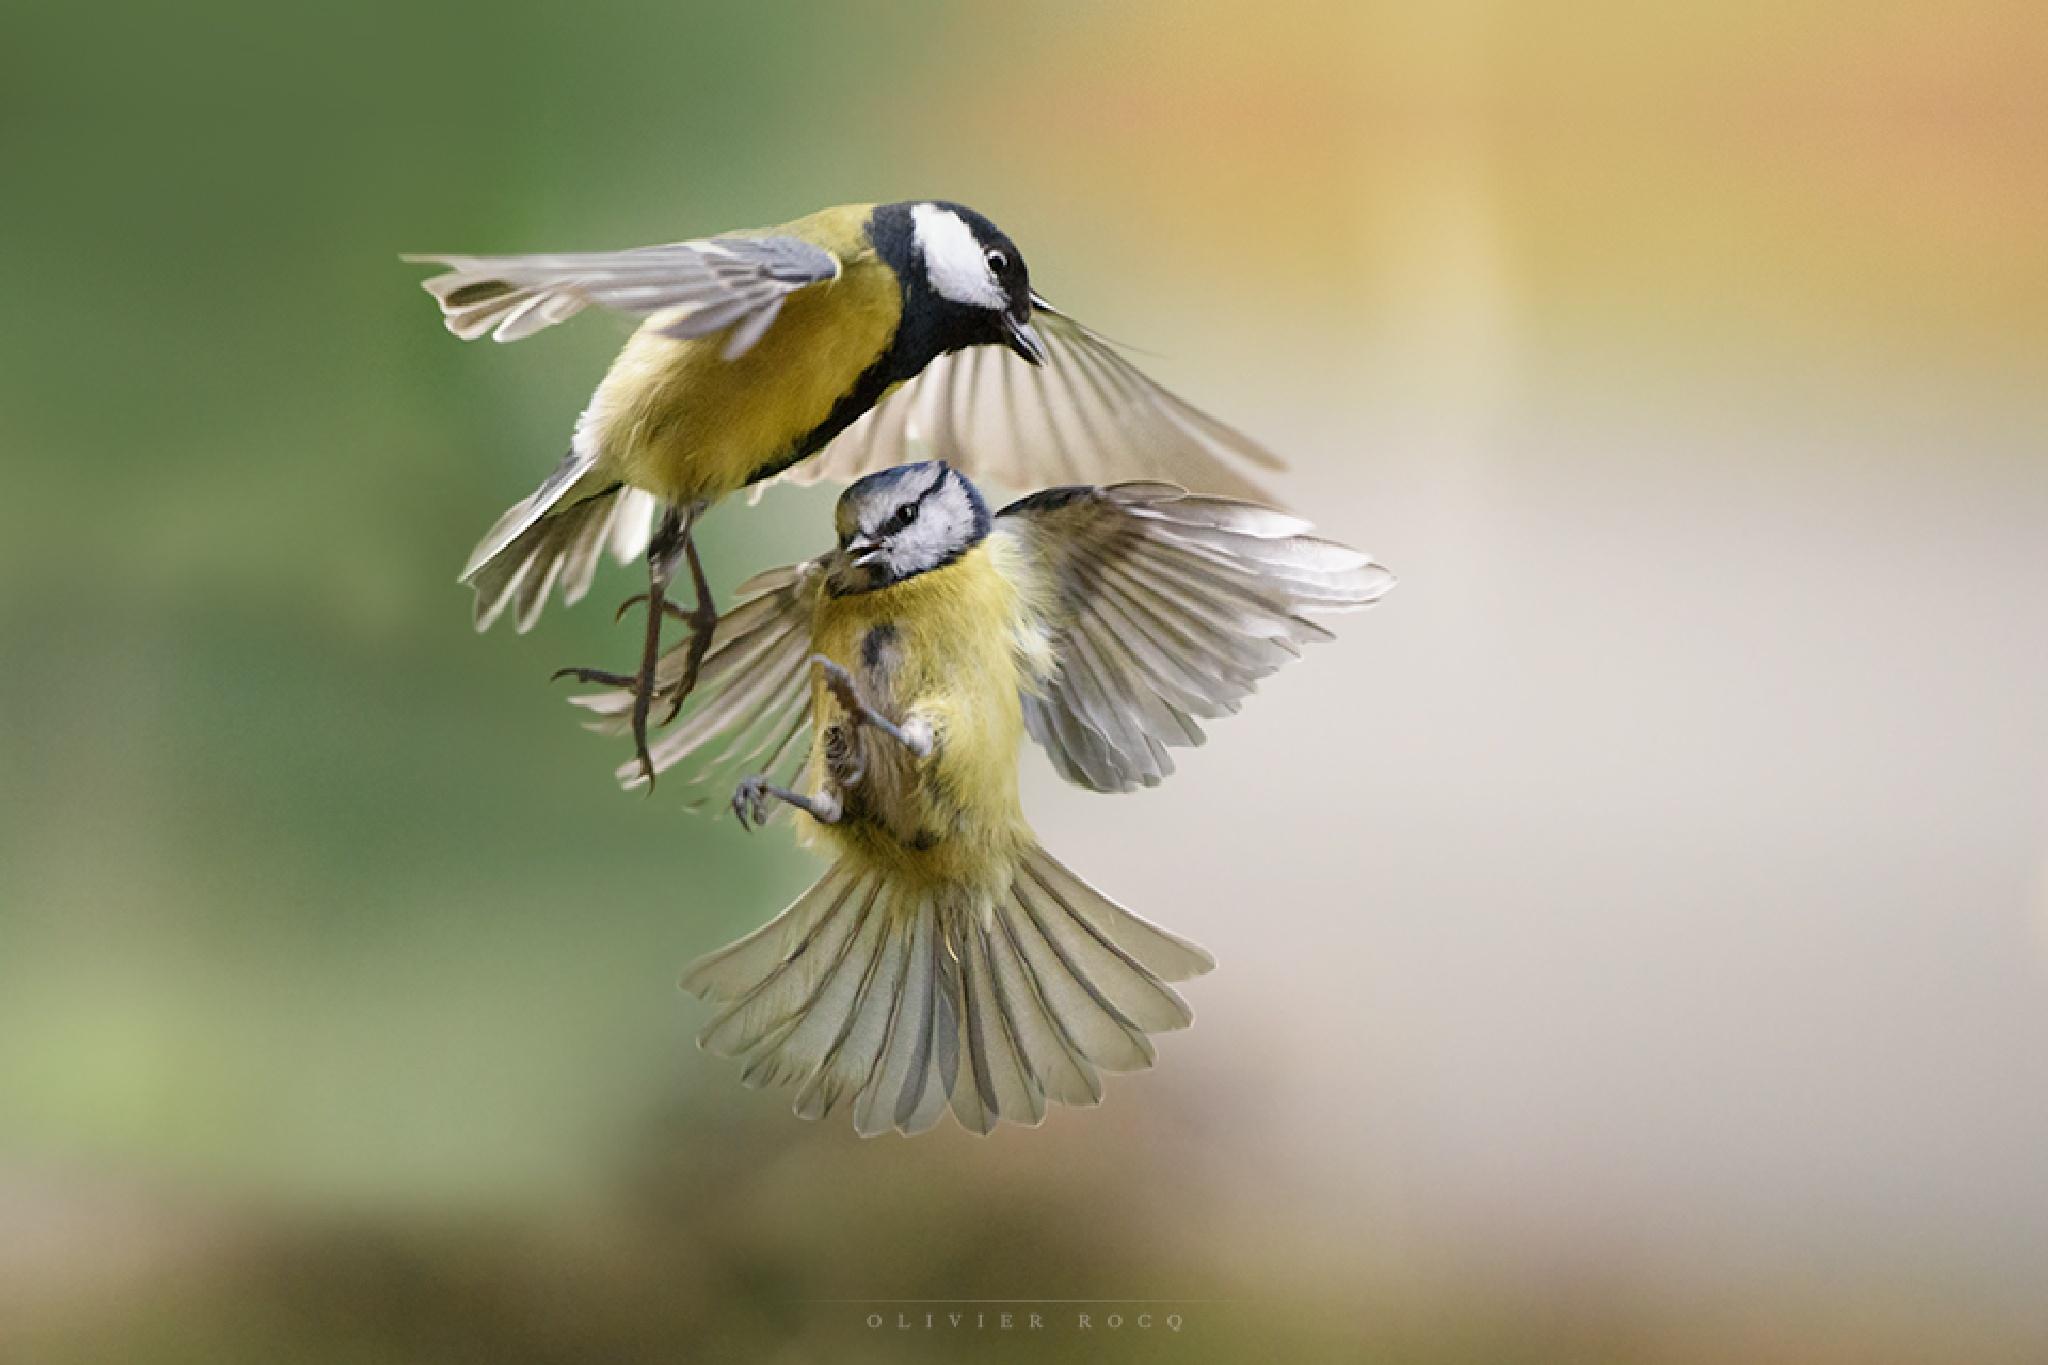 Bataille dans le ciel by rocqolivier